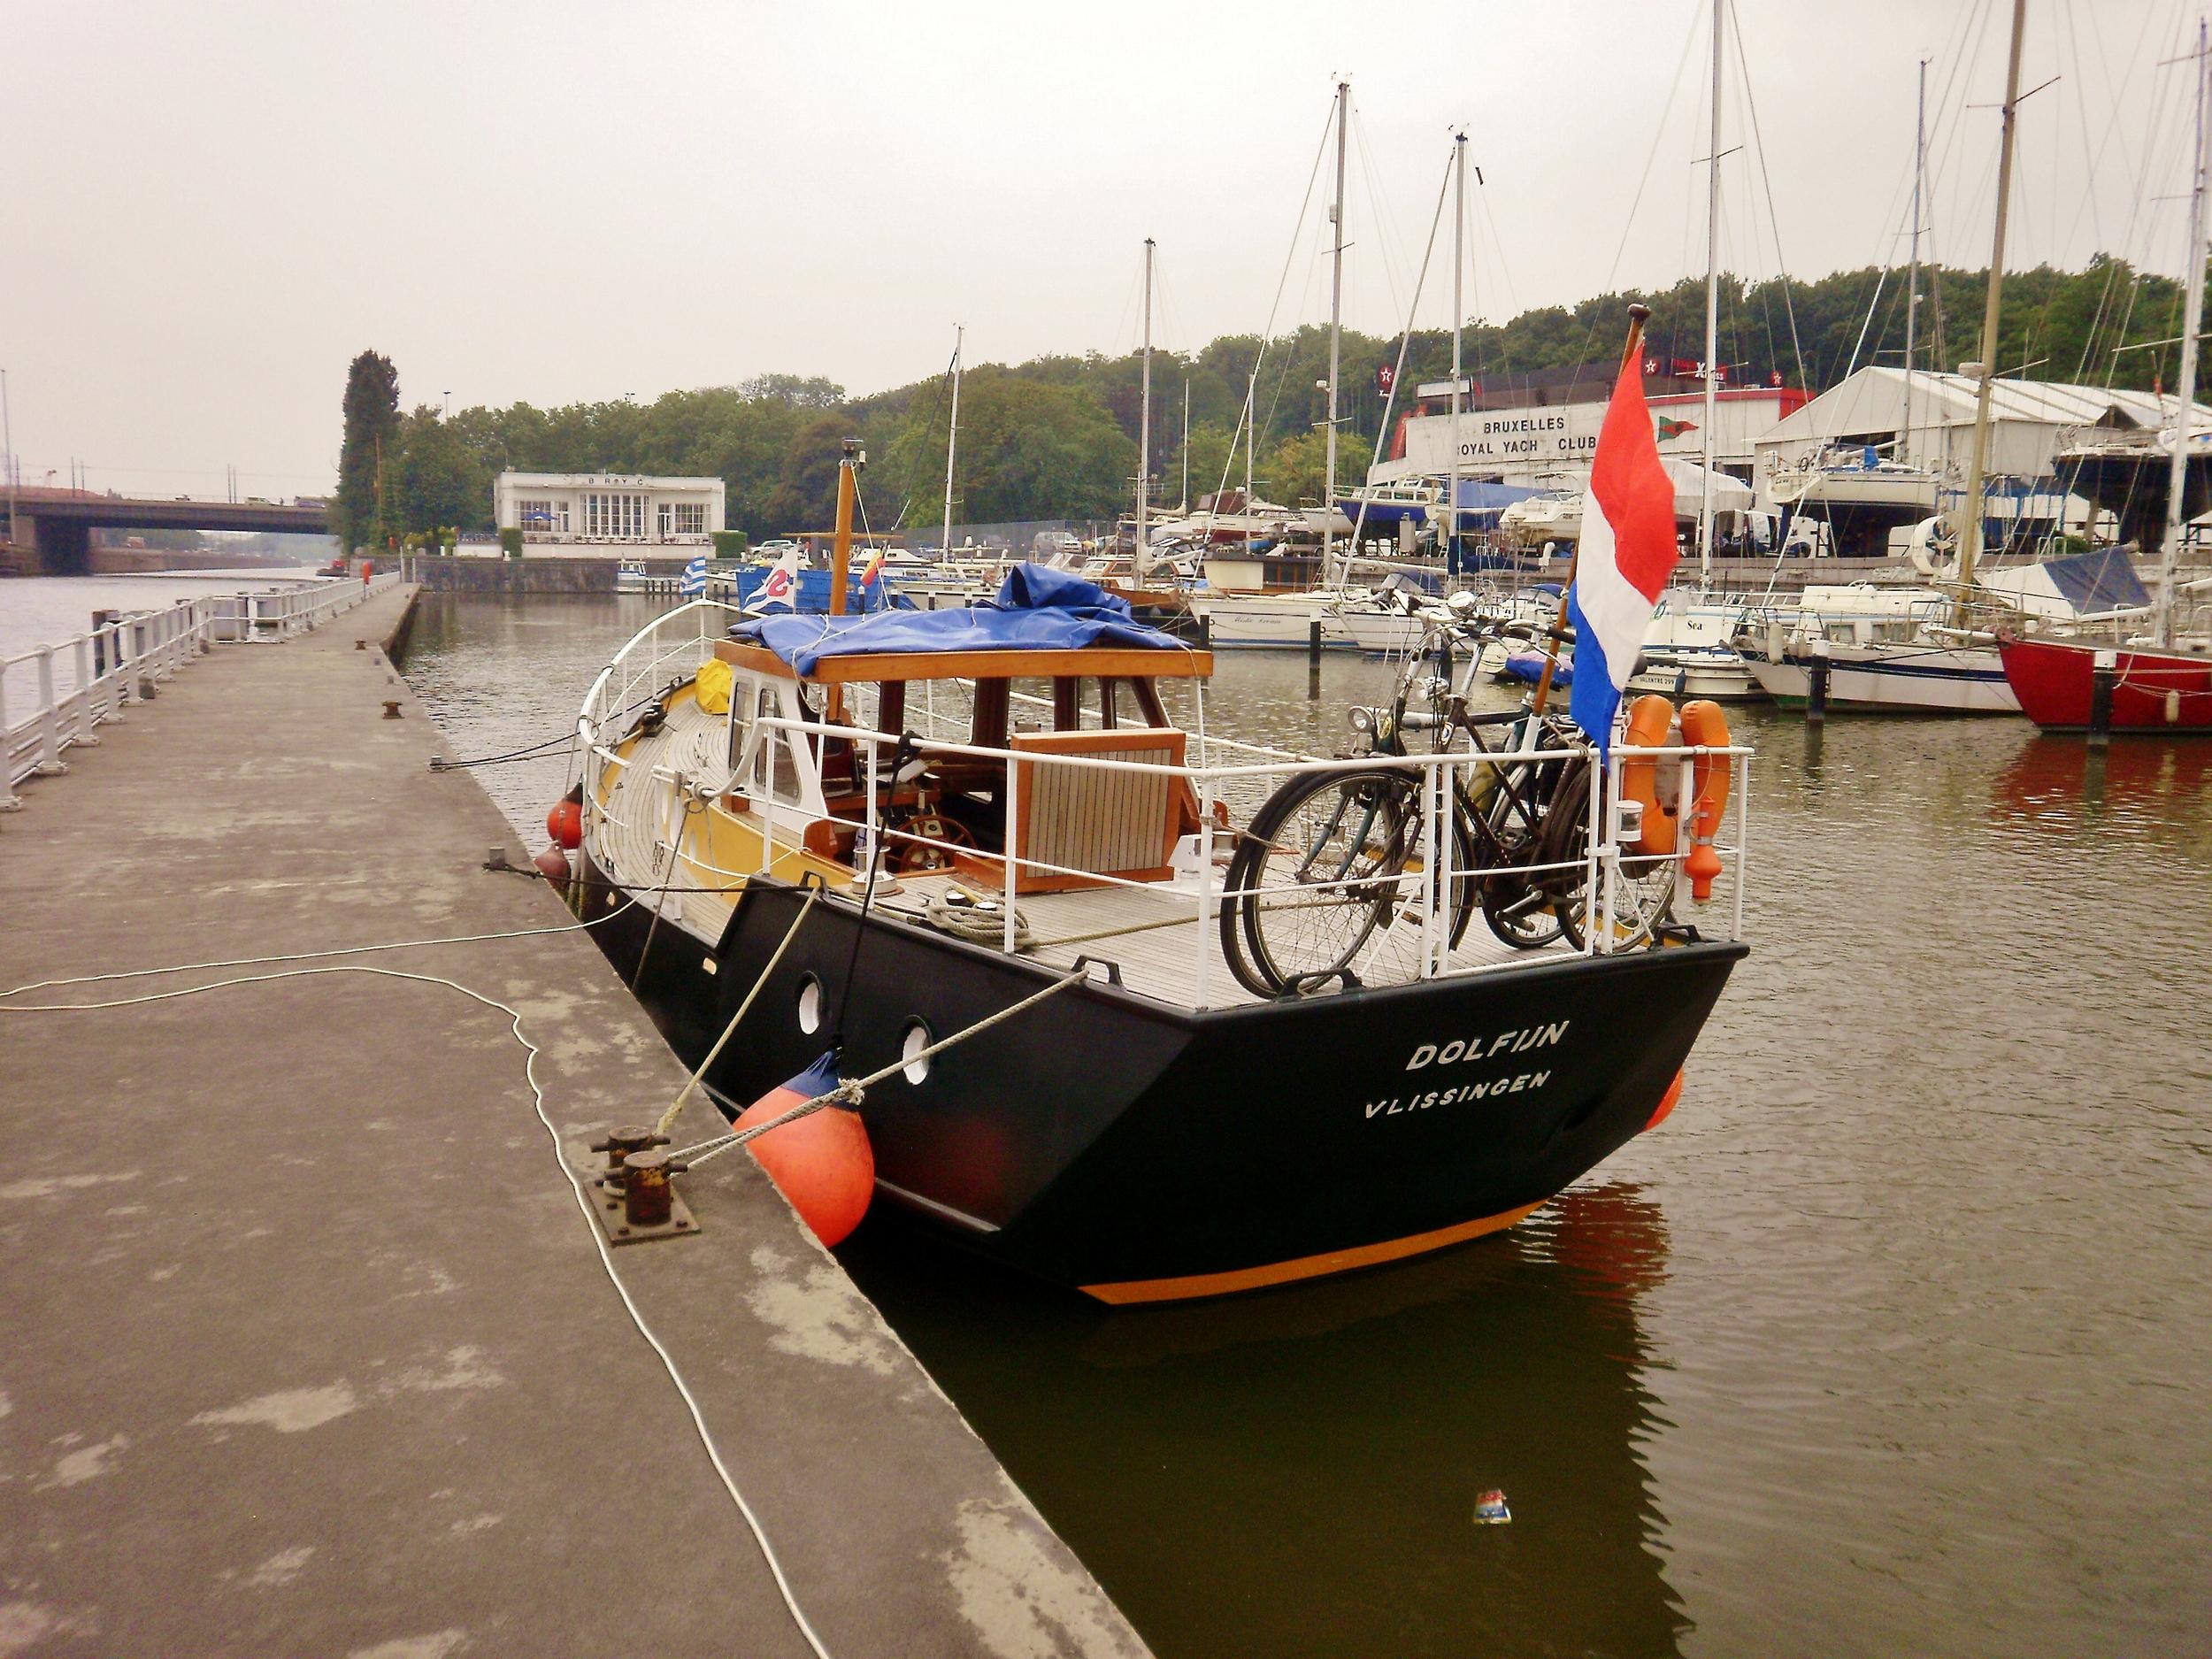 Kajuitzeilboten en Zeiljachten Super Scheldeschouw Met Campagnedek foto 4